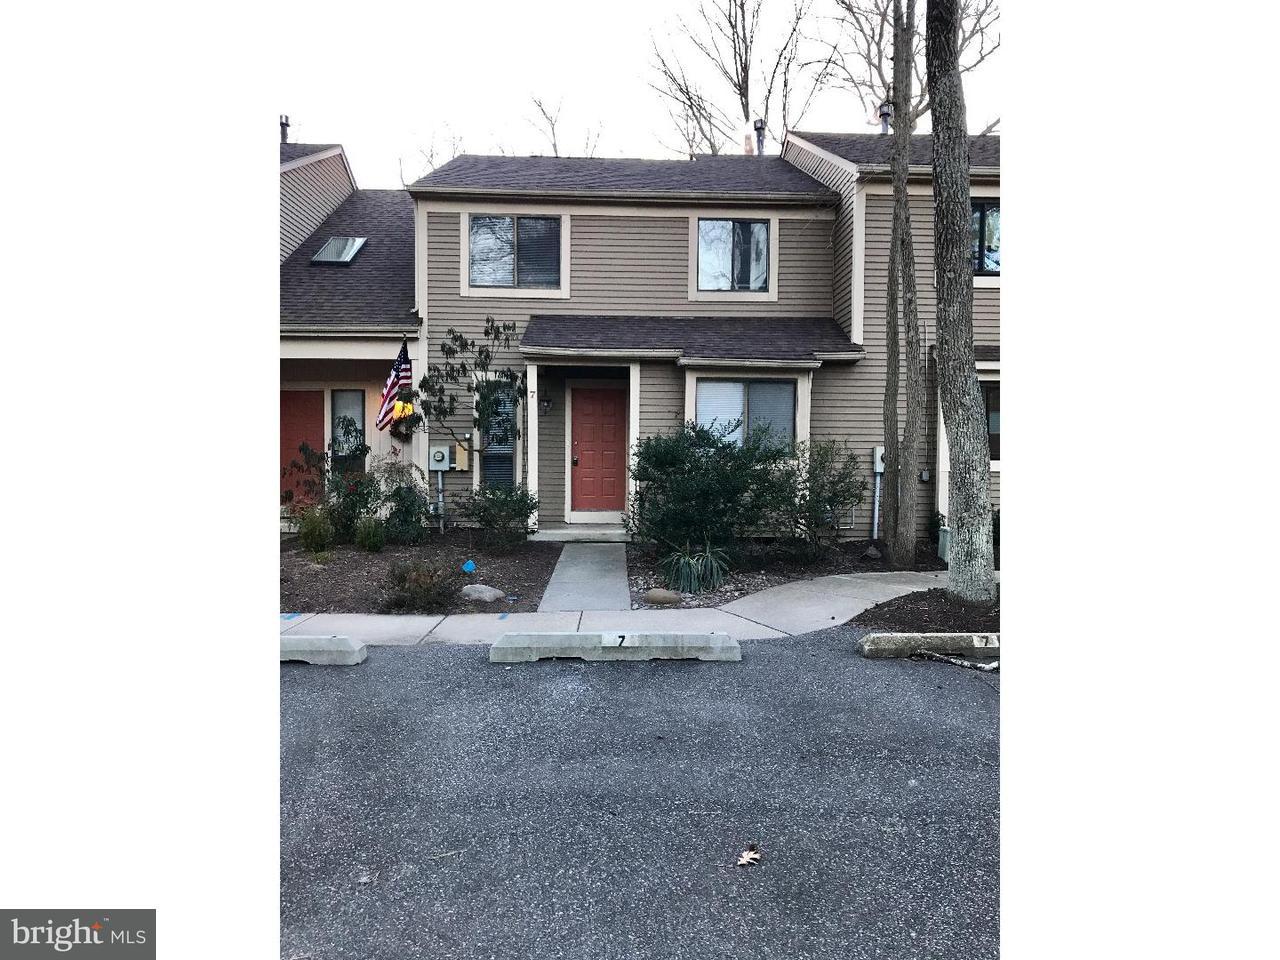 联栋屋 为 出租 在 7 DORSET Drive Marlton, 新泽西州 08053 美国